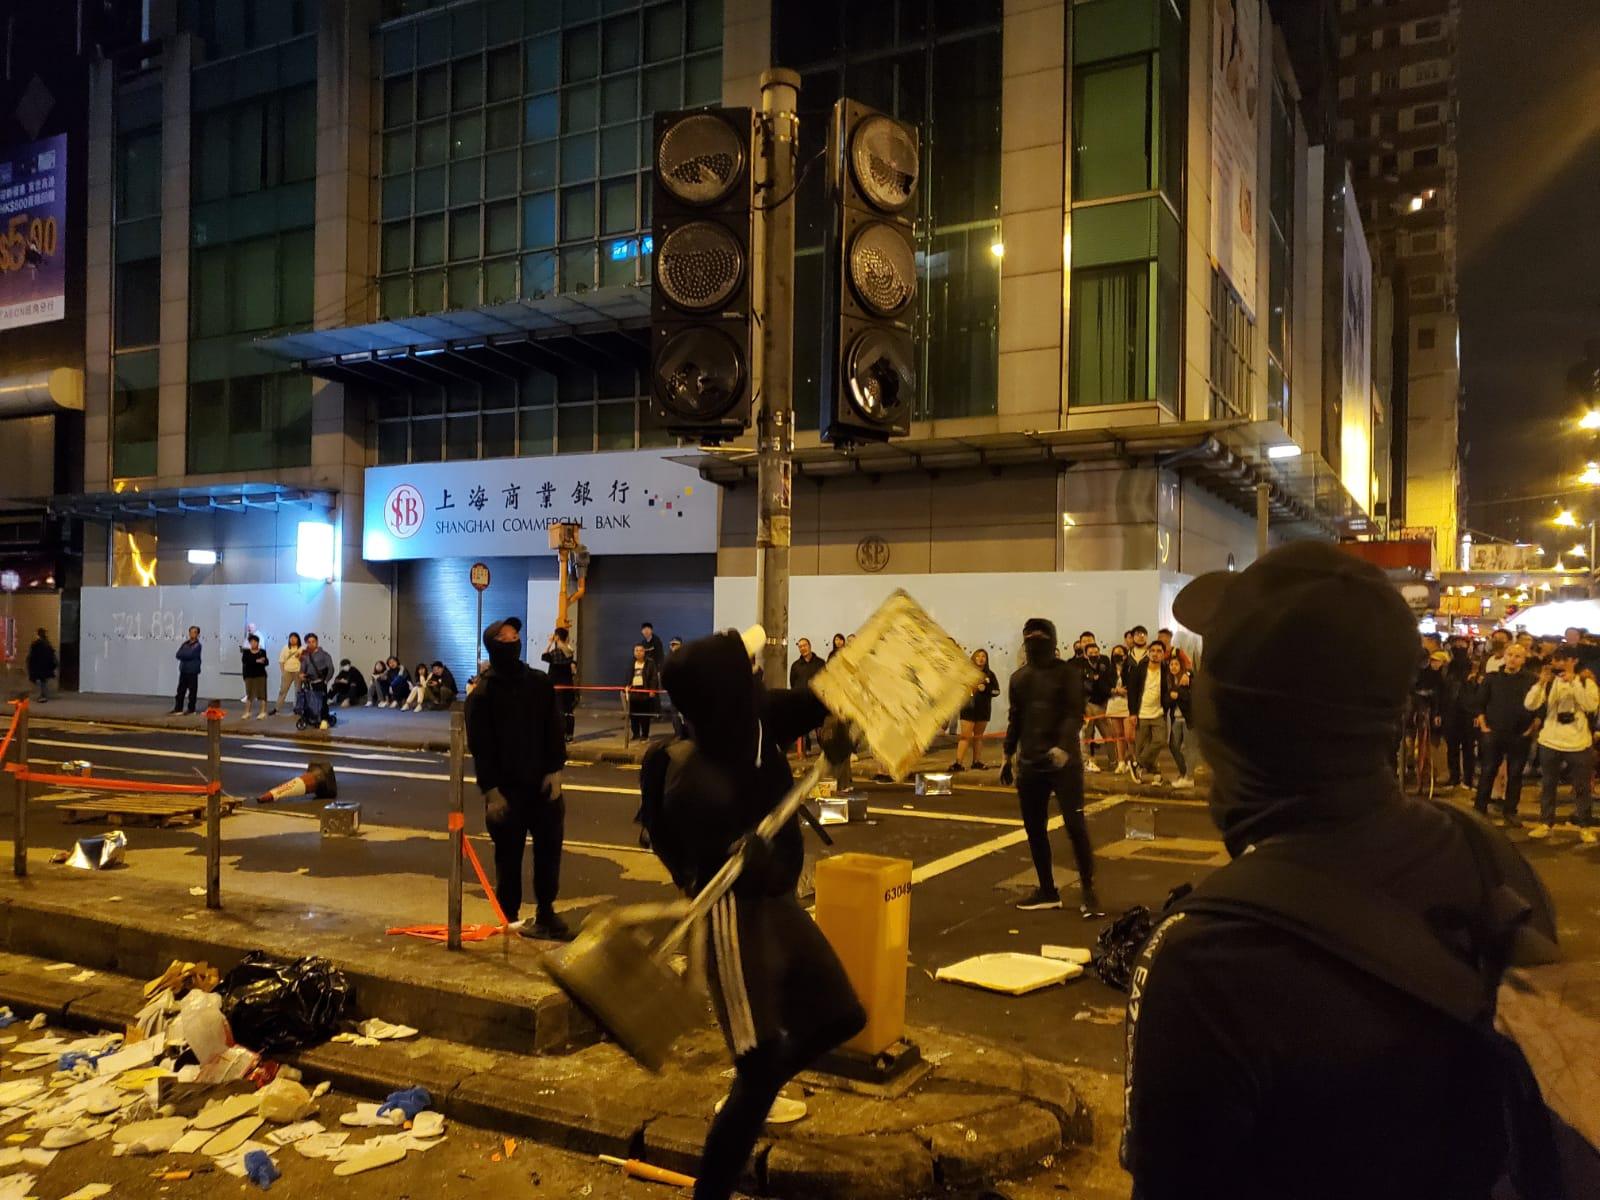 【修例風波】旺角堵路縱火濃煙4米高 學生記者顴骨疑中催淚彈